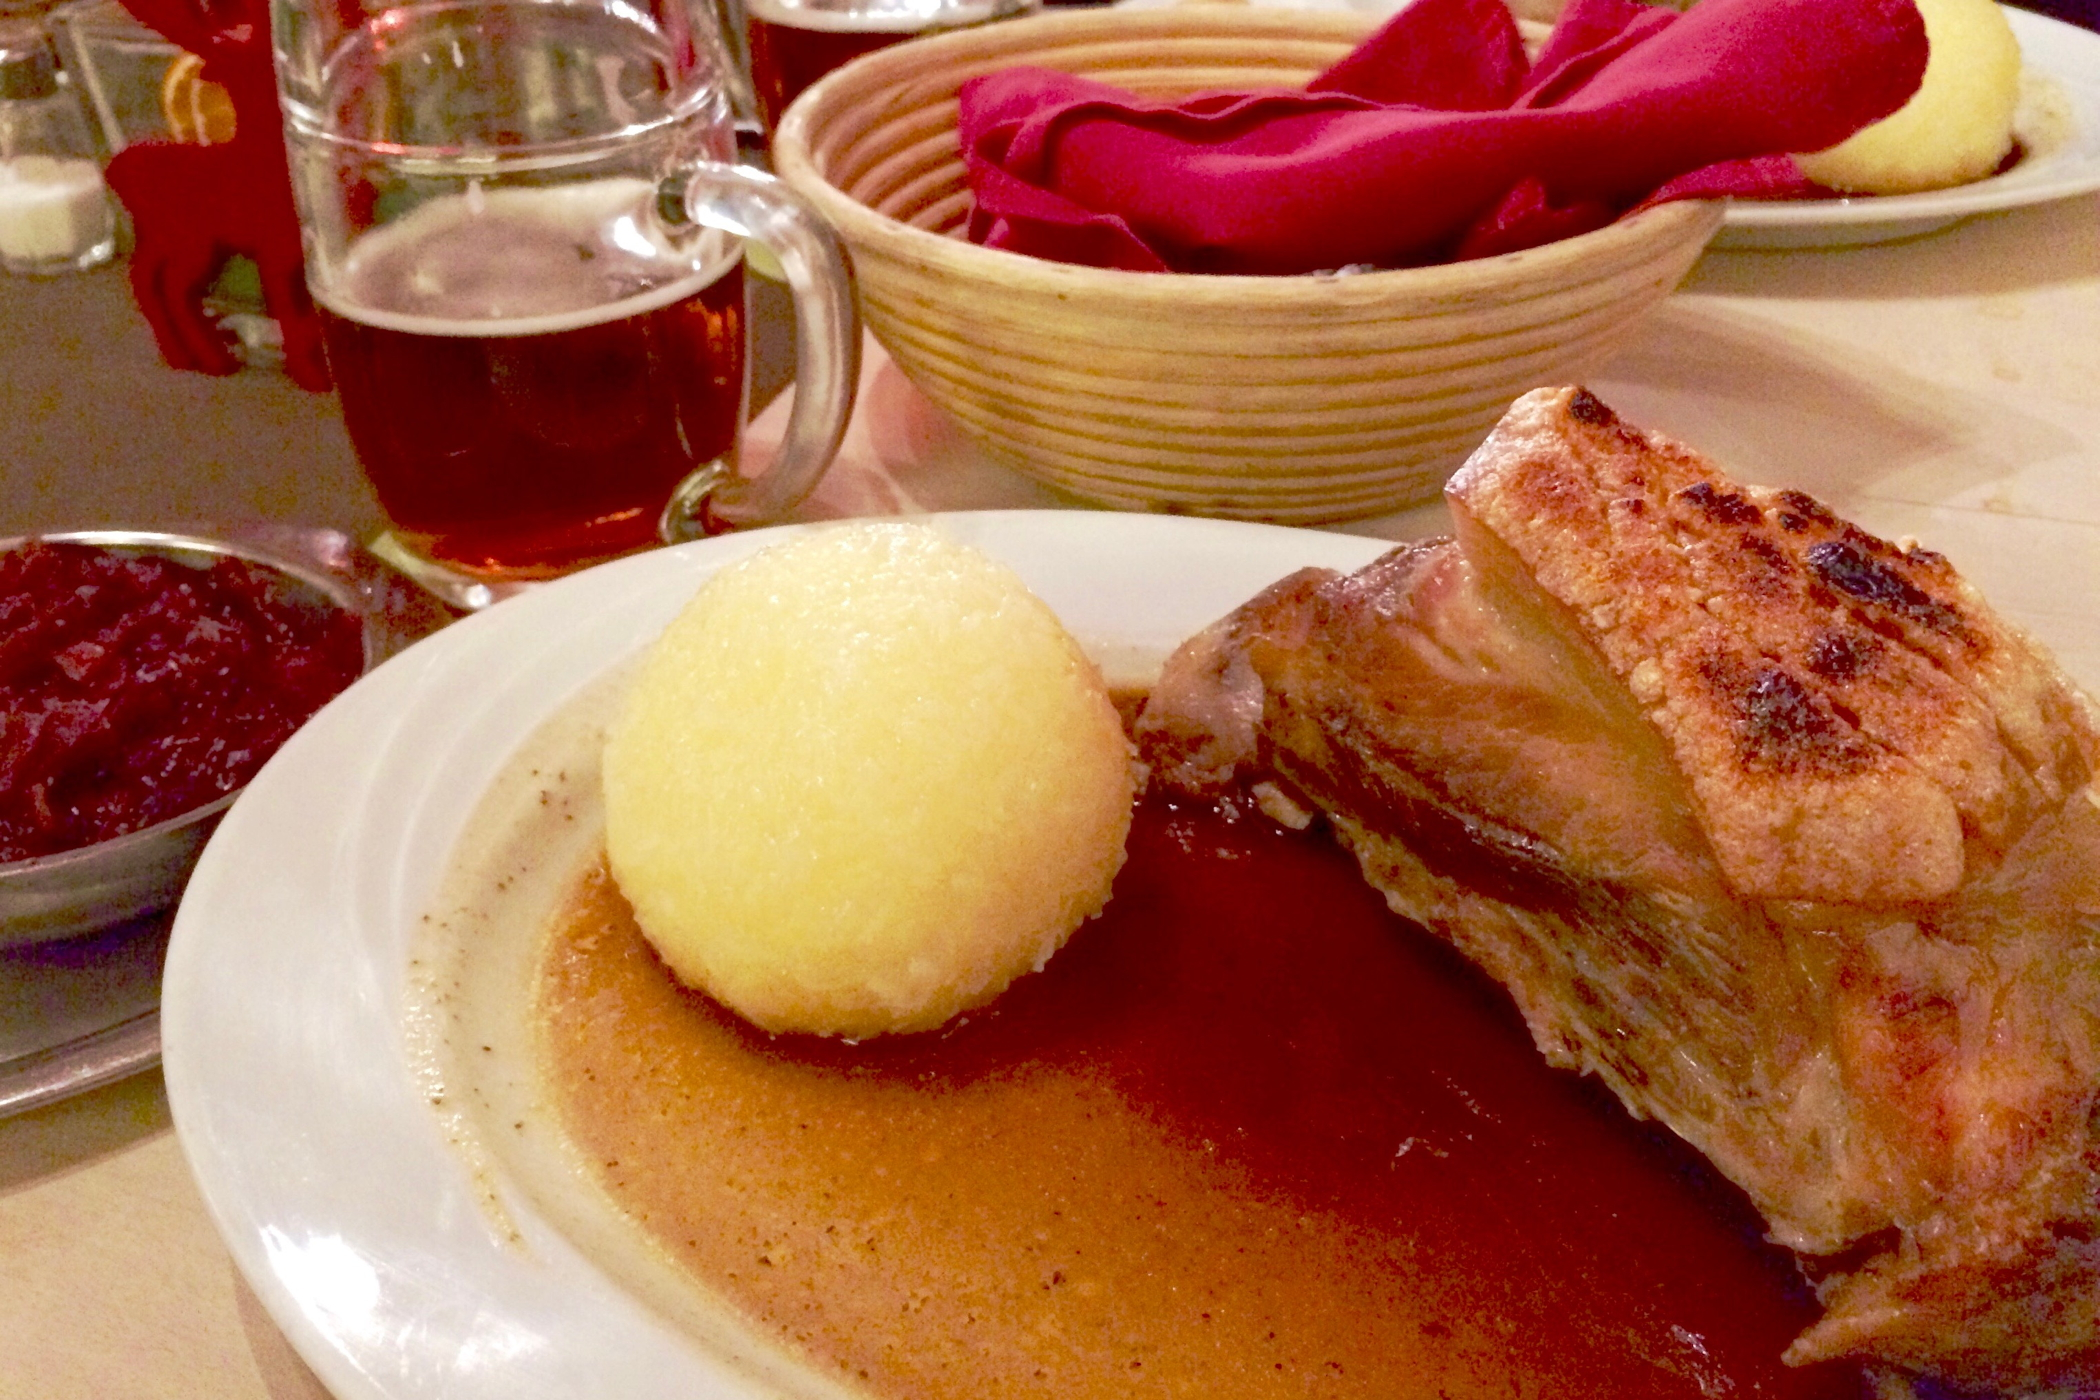 Schäufele in einem der besten Restaurants in Nürnberg wie dem Steichele